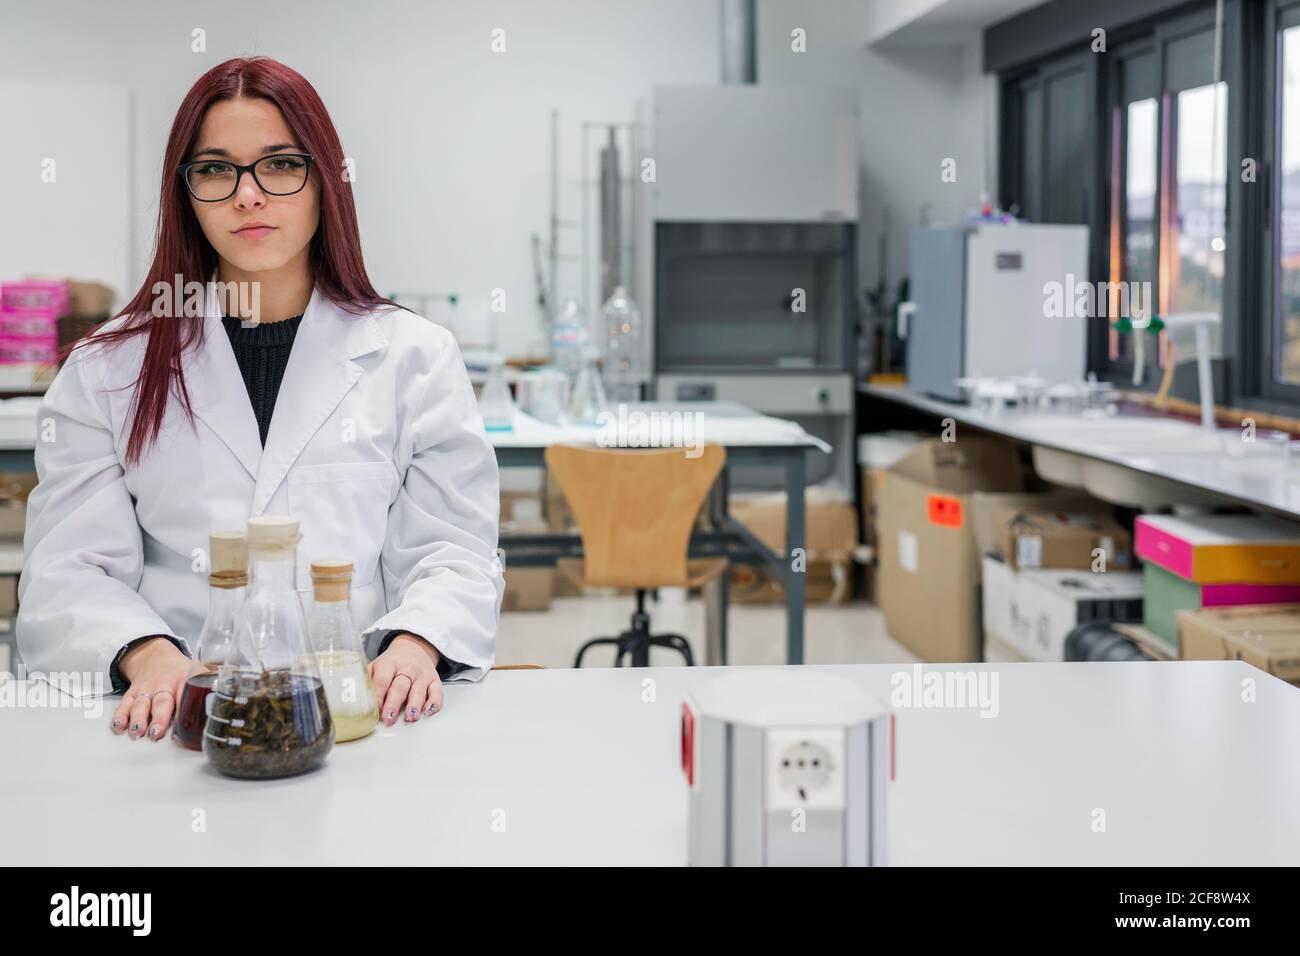 Mujer joven con bata blanca y gafas mirando la cámara mientras se sienta en la mesa con matraces en el laboratorio contemporáneo Foto de stock